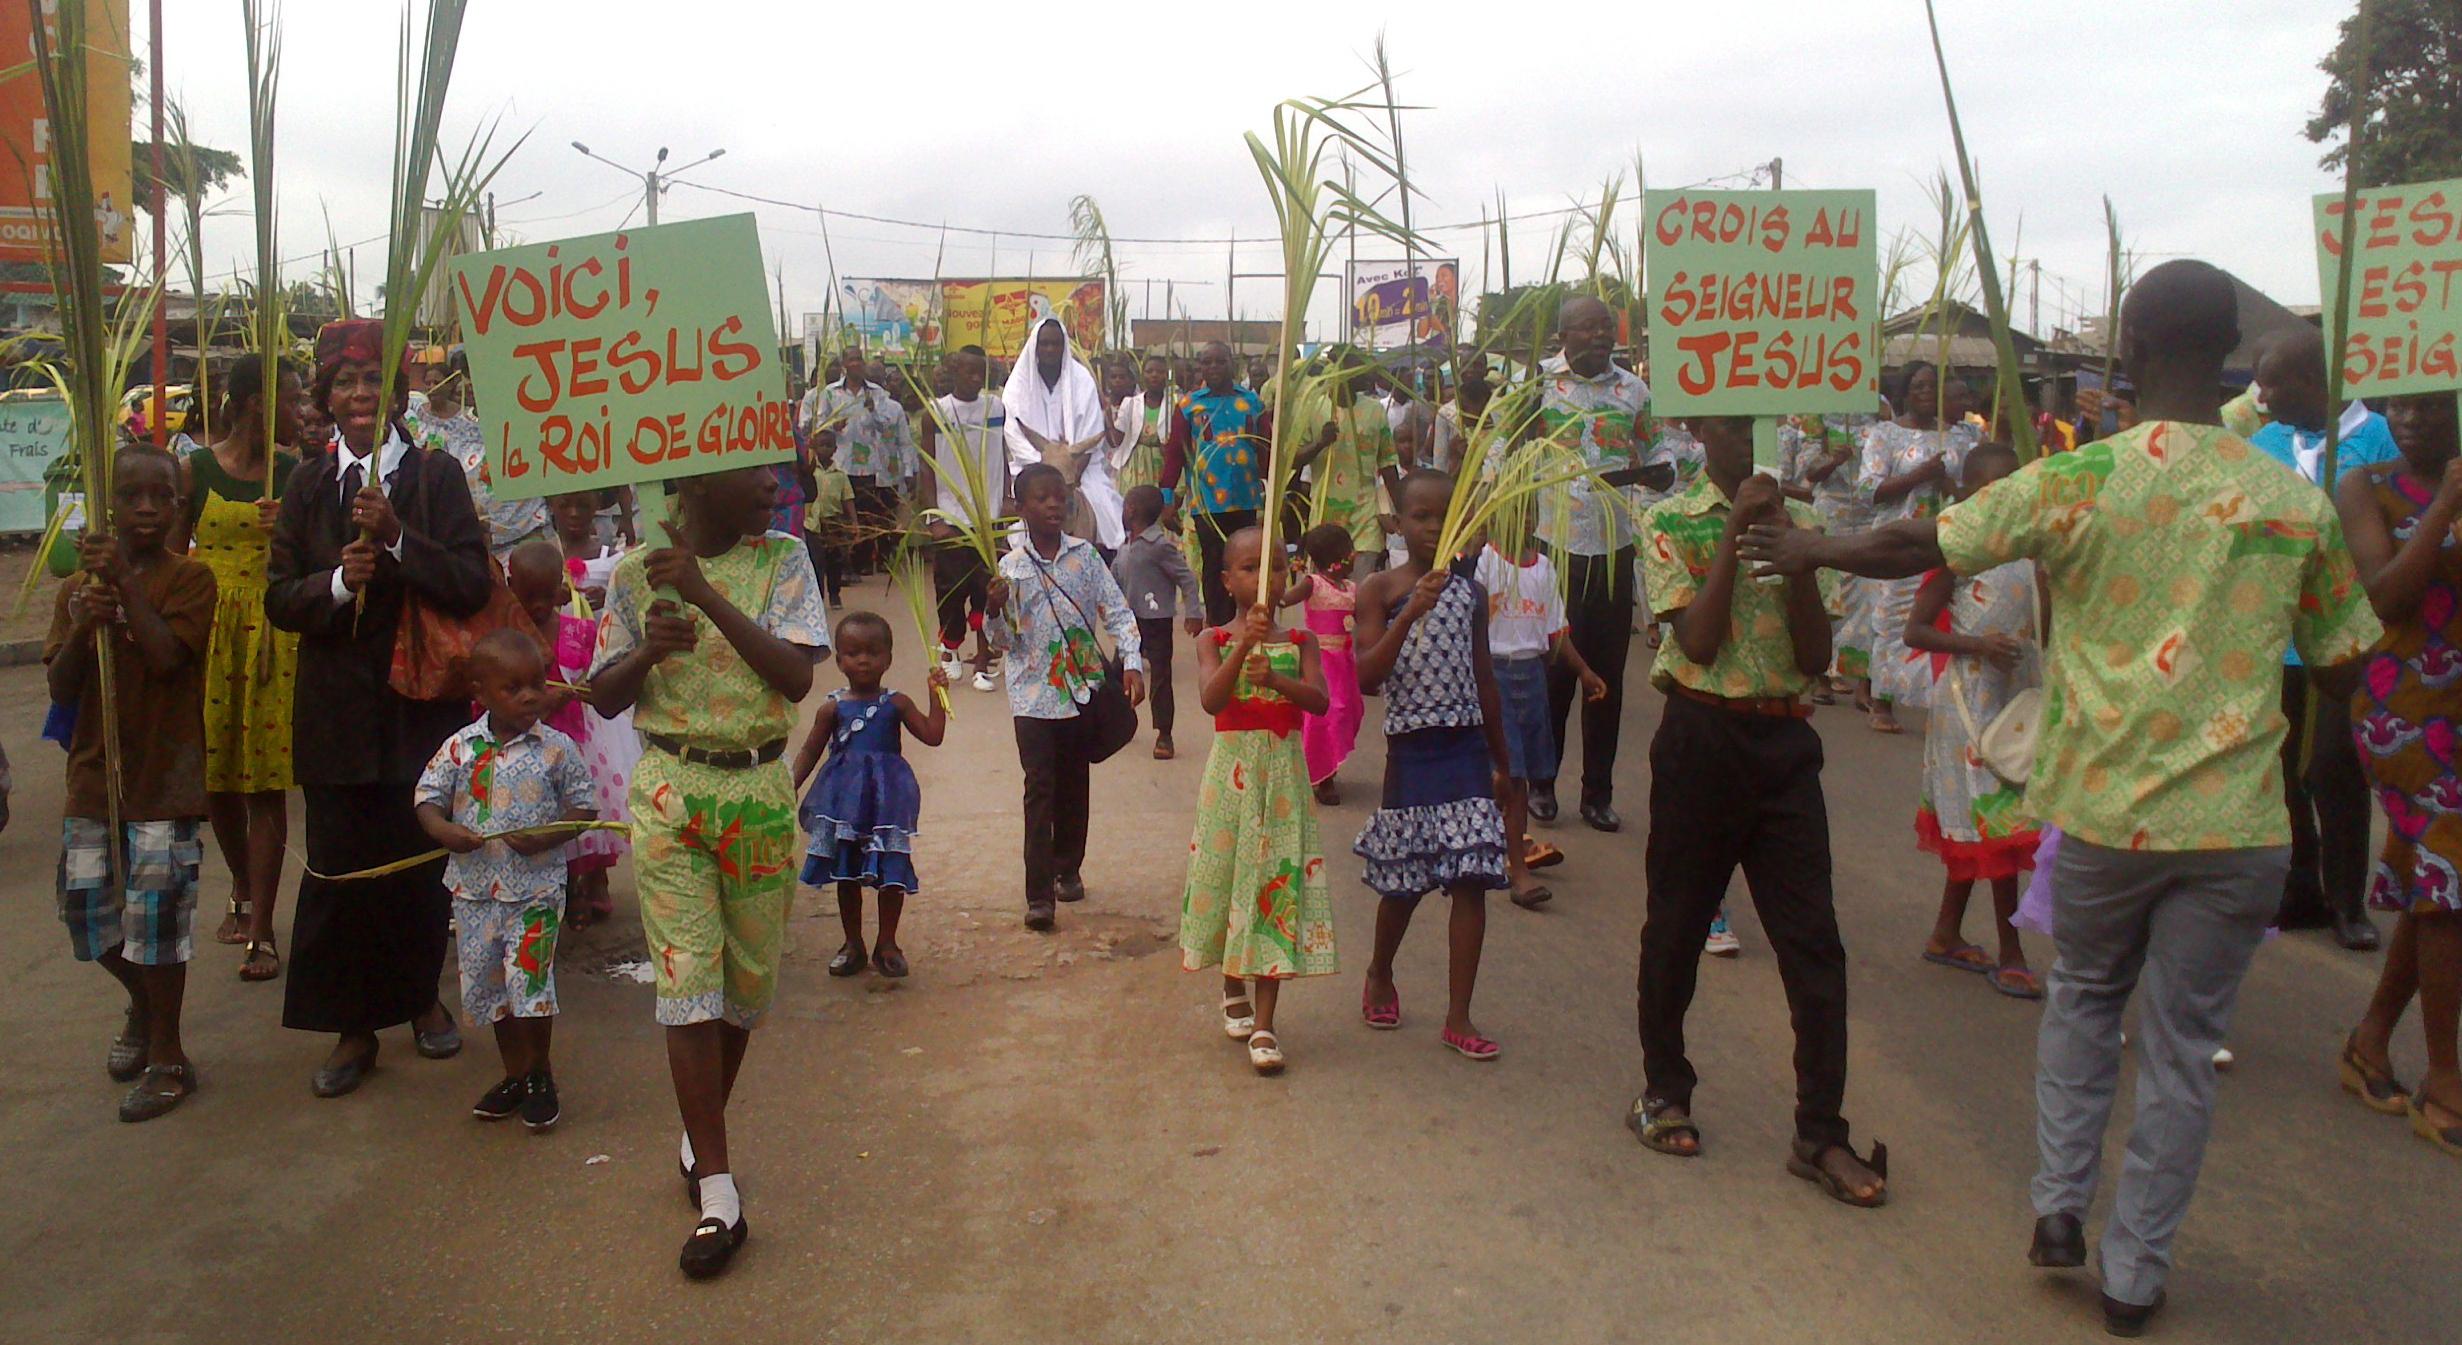 Una multitud marcha agitando palmas por las calles de Port-Bouët, Costa de Marfil, el Domingo de Ramos del 2015. Un hombre representa a Jesucristo montado en un pollino. Esta escena jubilosa es repetida por todo el país por metodistas unidos y católicos marfileños